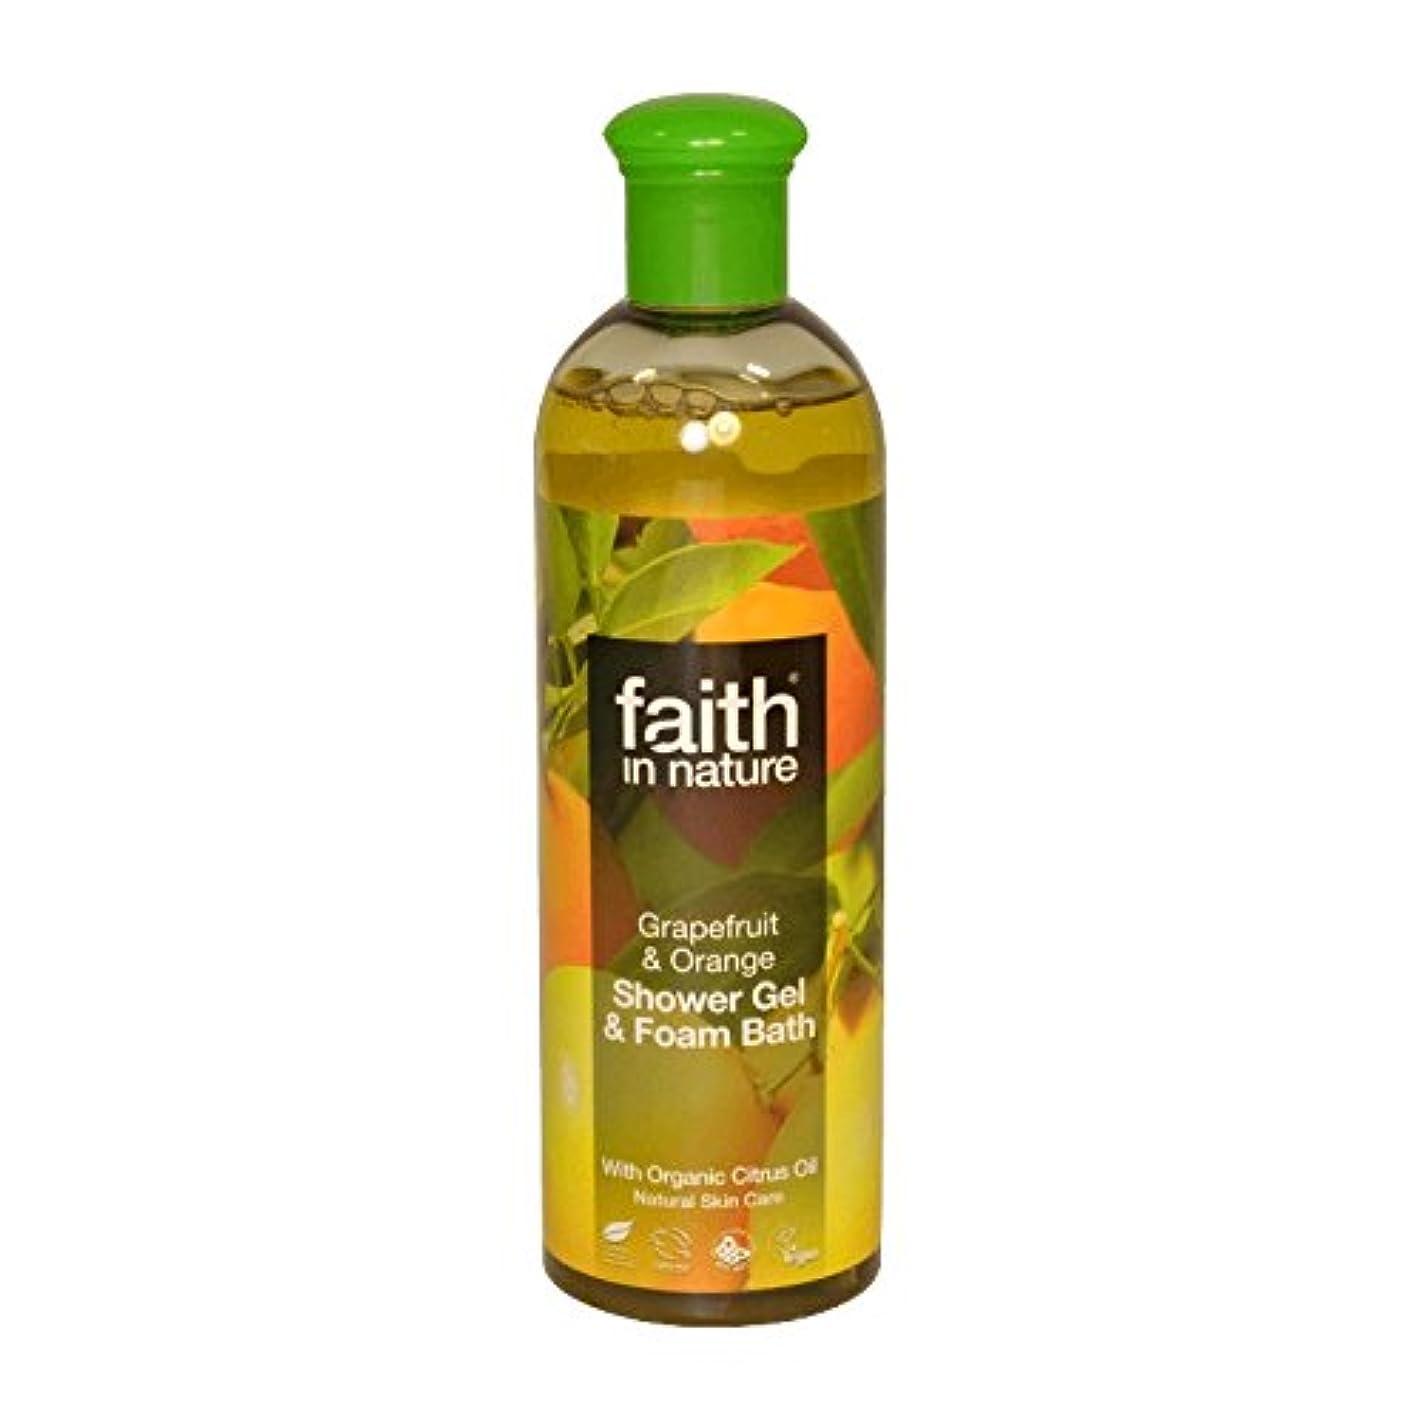 説明フェザー棚自然グレープフルーツ&オレンジシャワージェル&バス泡400ミリリットルの信仰 - Faith in Nature Grapefruit & Orange Shower Gel & Bath Foam 400ml (Faith...